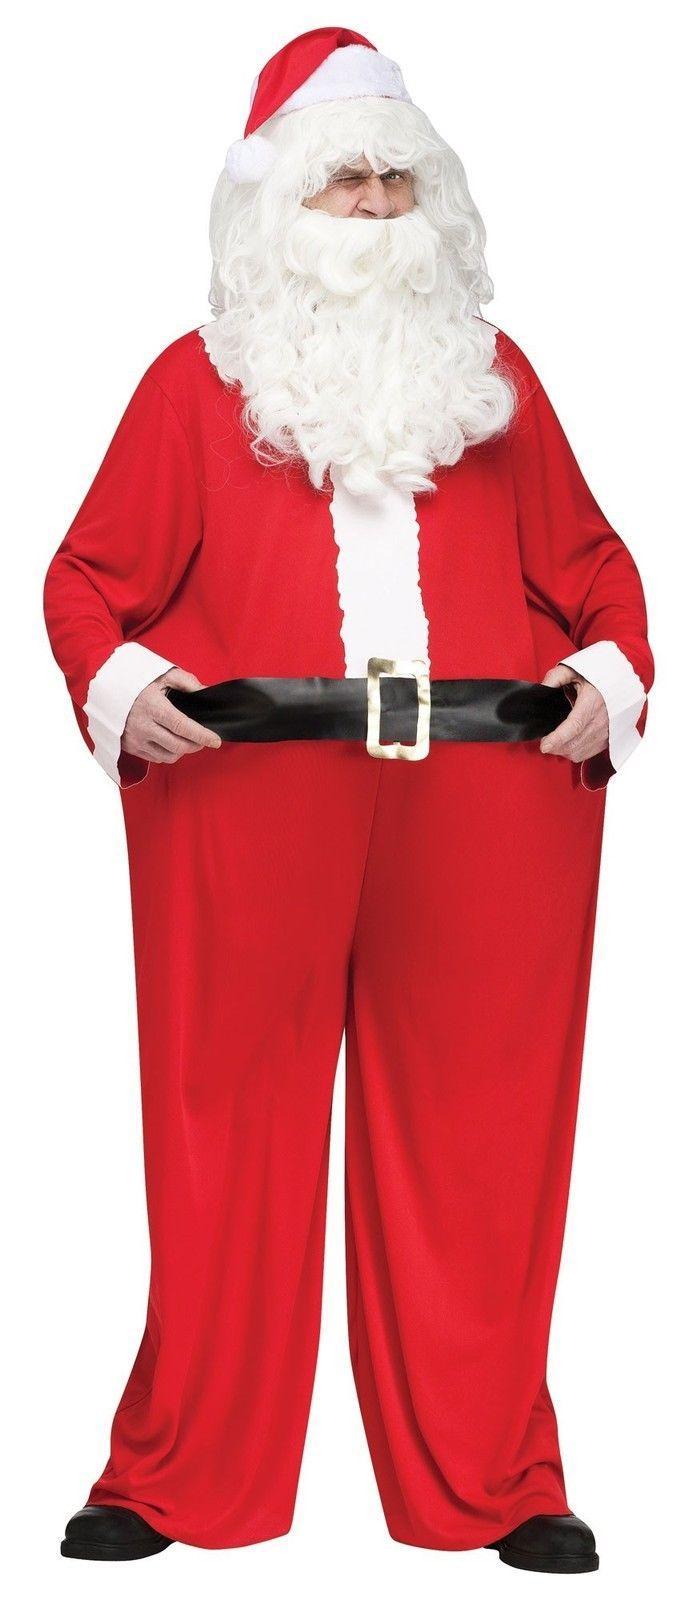 Adult christmas standard santa claus fat suit costume hat